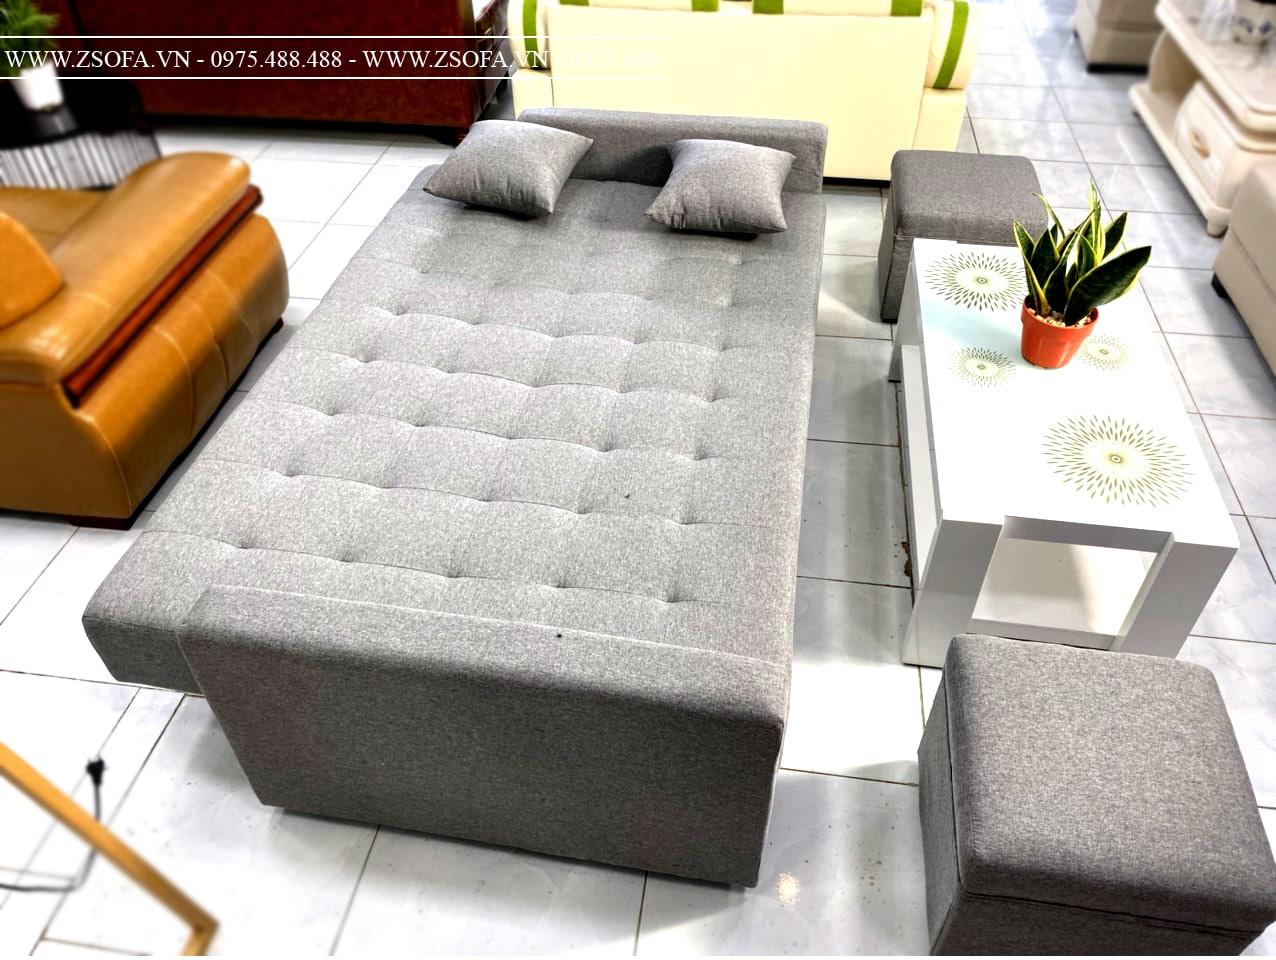 Bộ ghế giường sofa giá rẻ từ doanh nghiệp uy tín